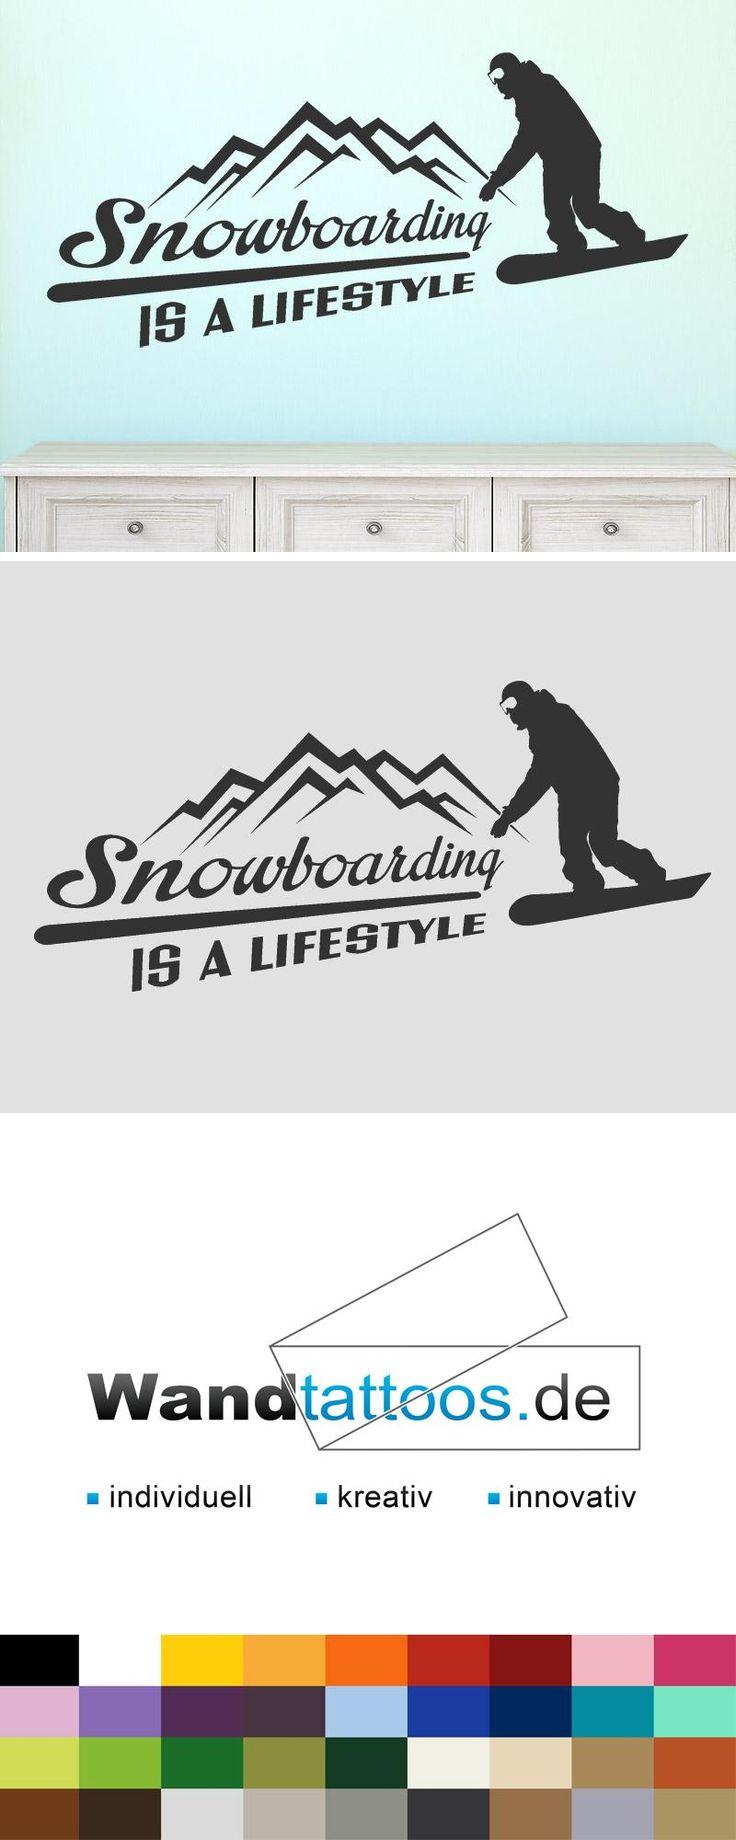 Wandtattoo Snowboarding is a lifestyle als Idee zur individuellen Wandgestaltung. Einfach Lieblingsfarbe und Größe auswählen. Weitere kreative Anregungen von Wandtattoos.de hier entdecken!